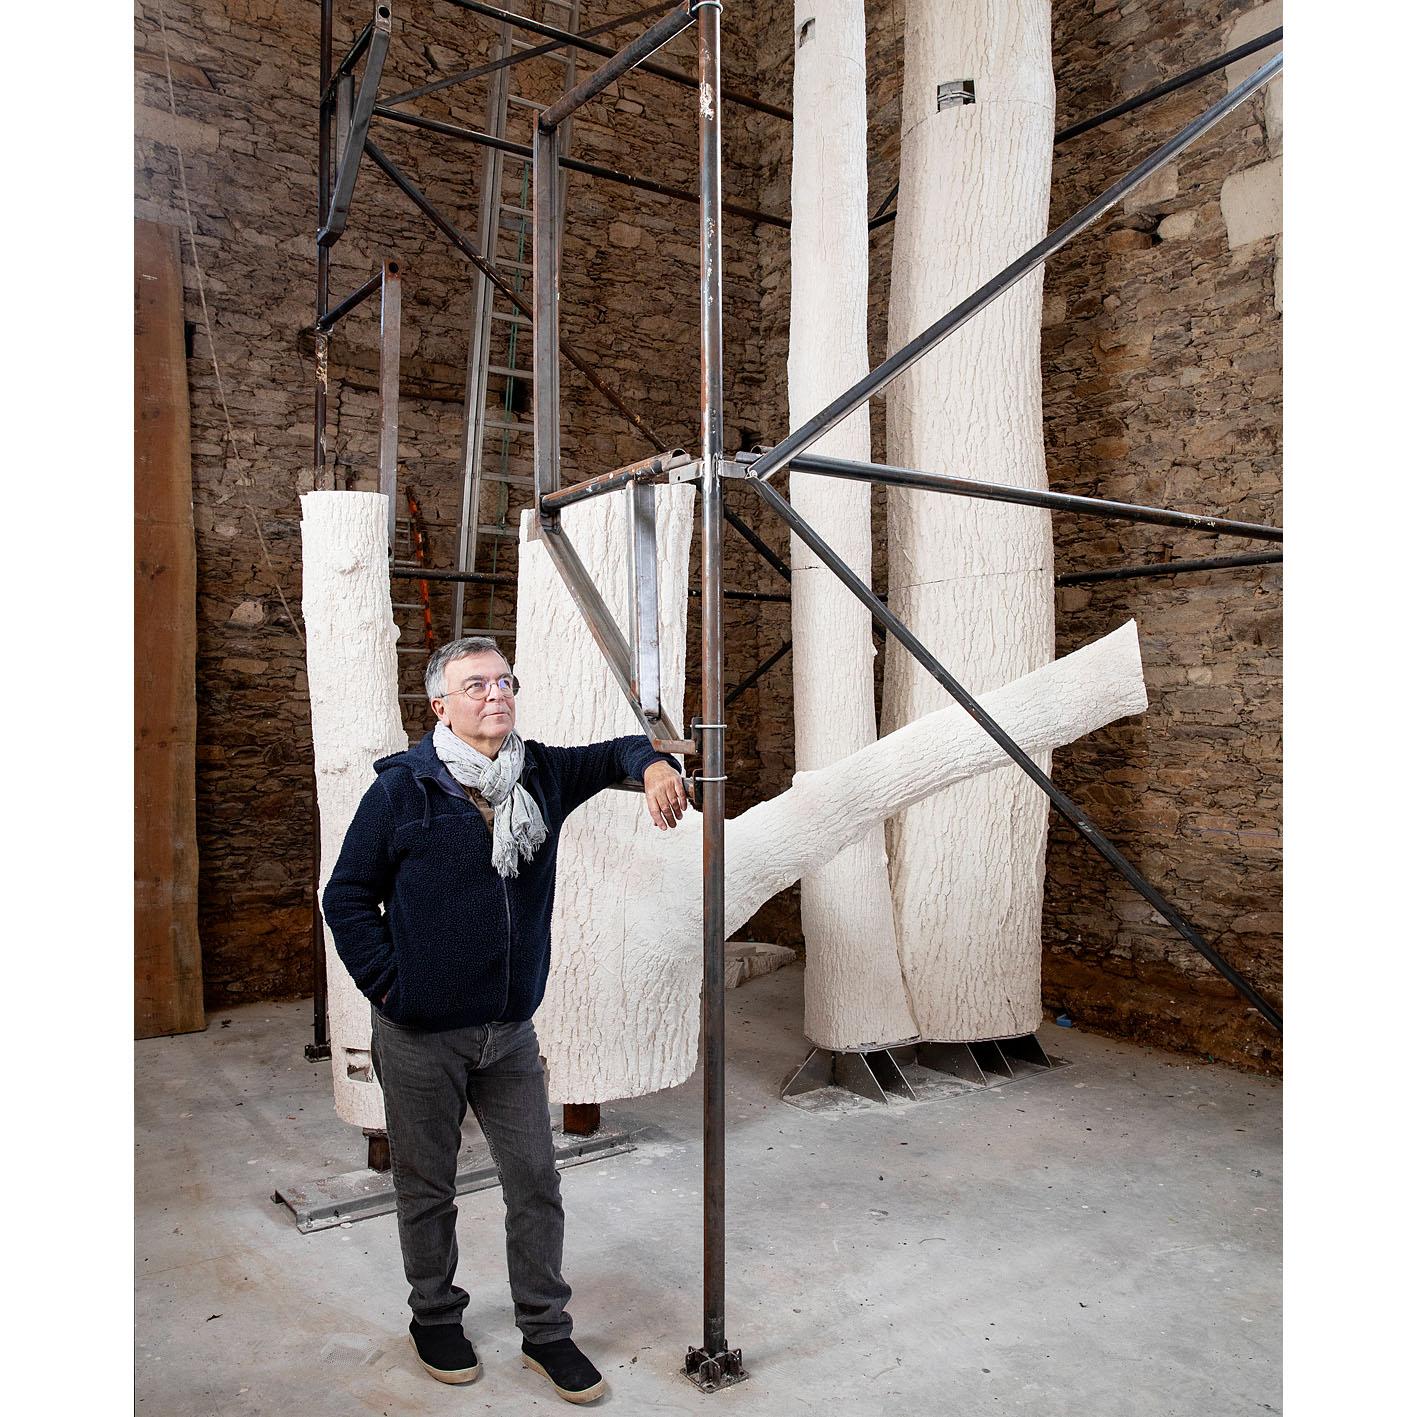 Fabrice Hyber au pied du moulage d'un chêne dans l'un de ses ateliers en Vendée.